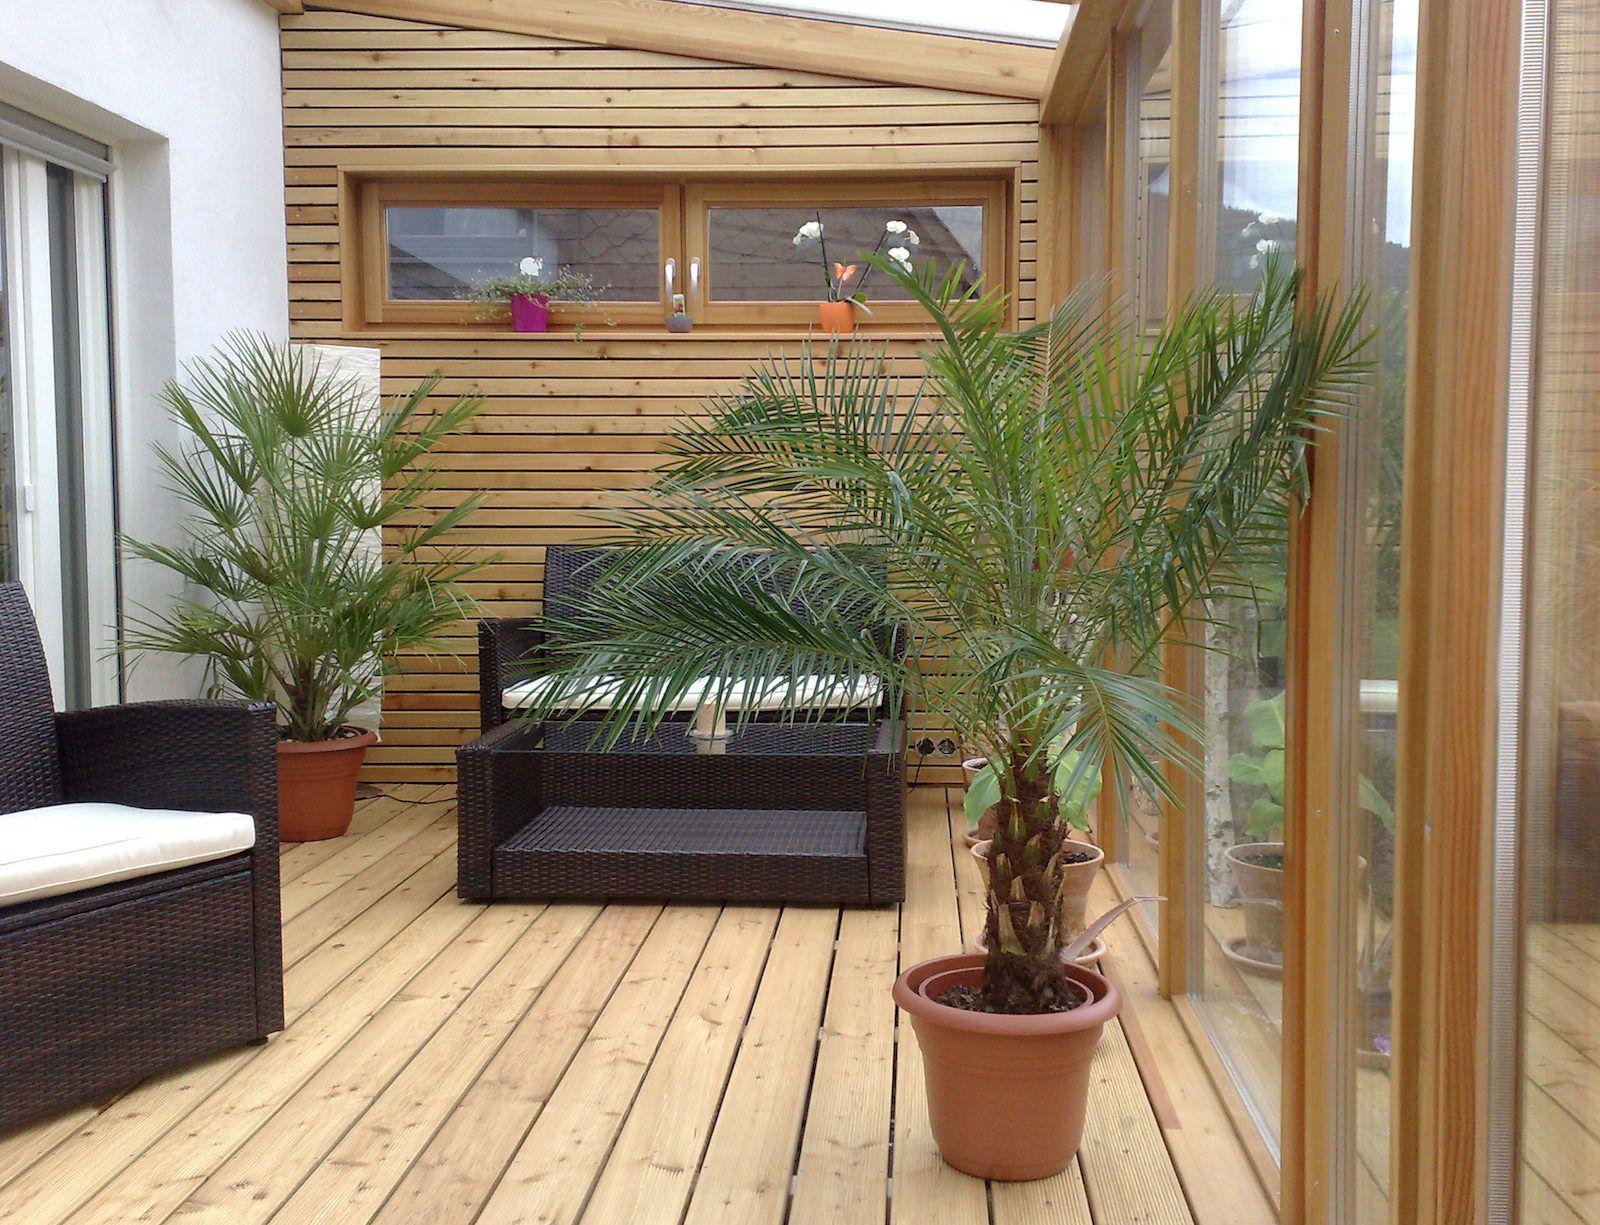 Wintergarten Einrichten Ideen tischlerei neumann wintergarten in holzbauweise forhome